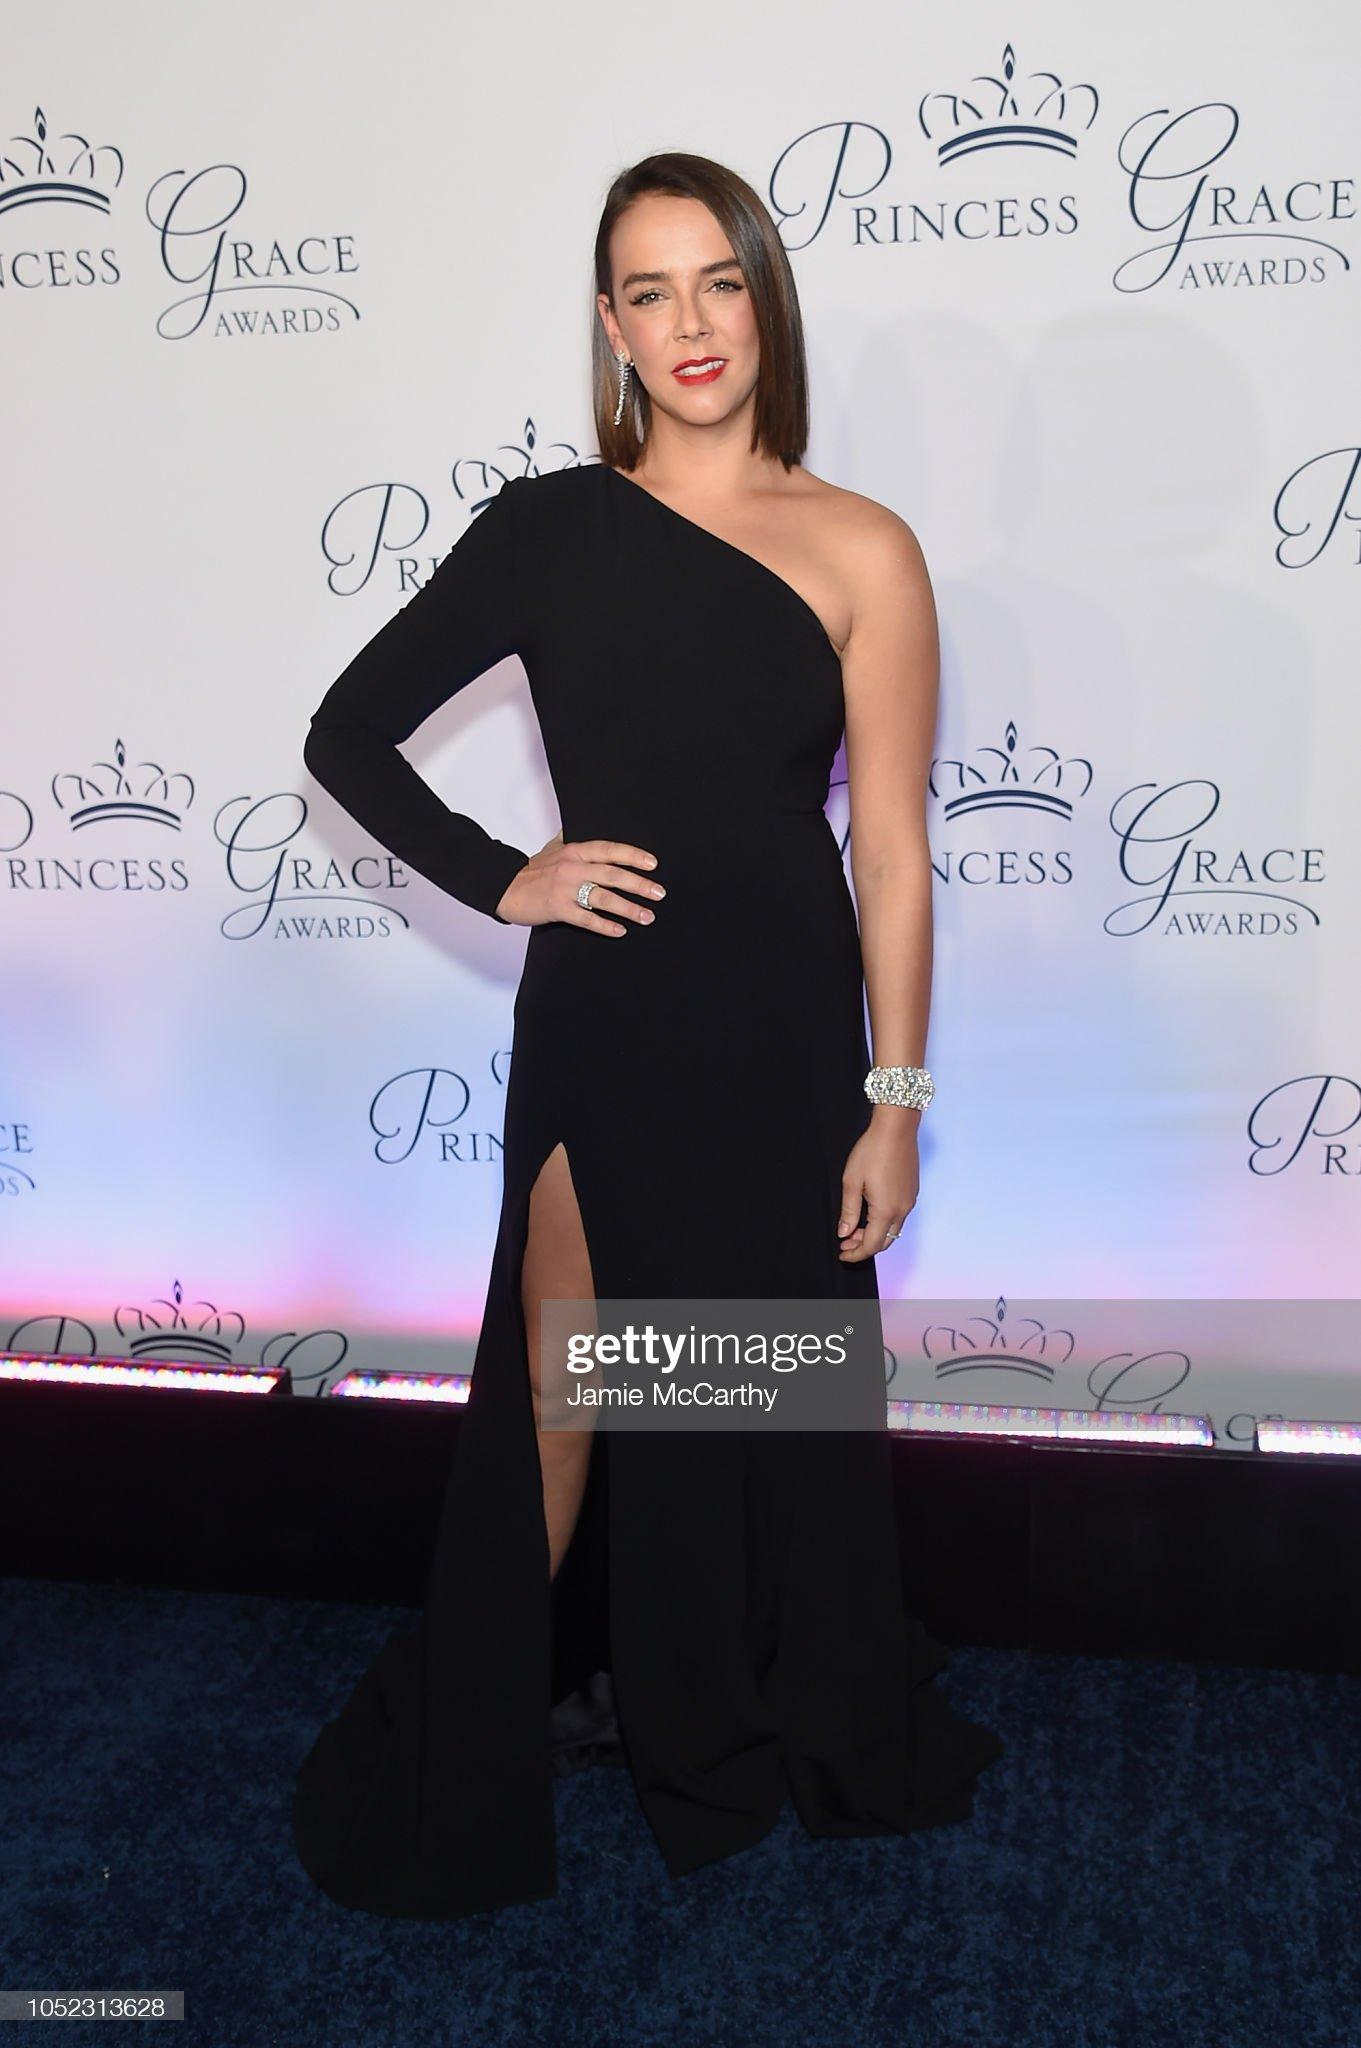 2018 Princess Grace Awards Gala - Arrivals : News Photo